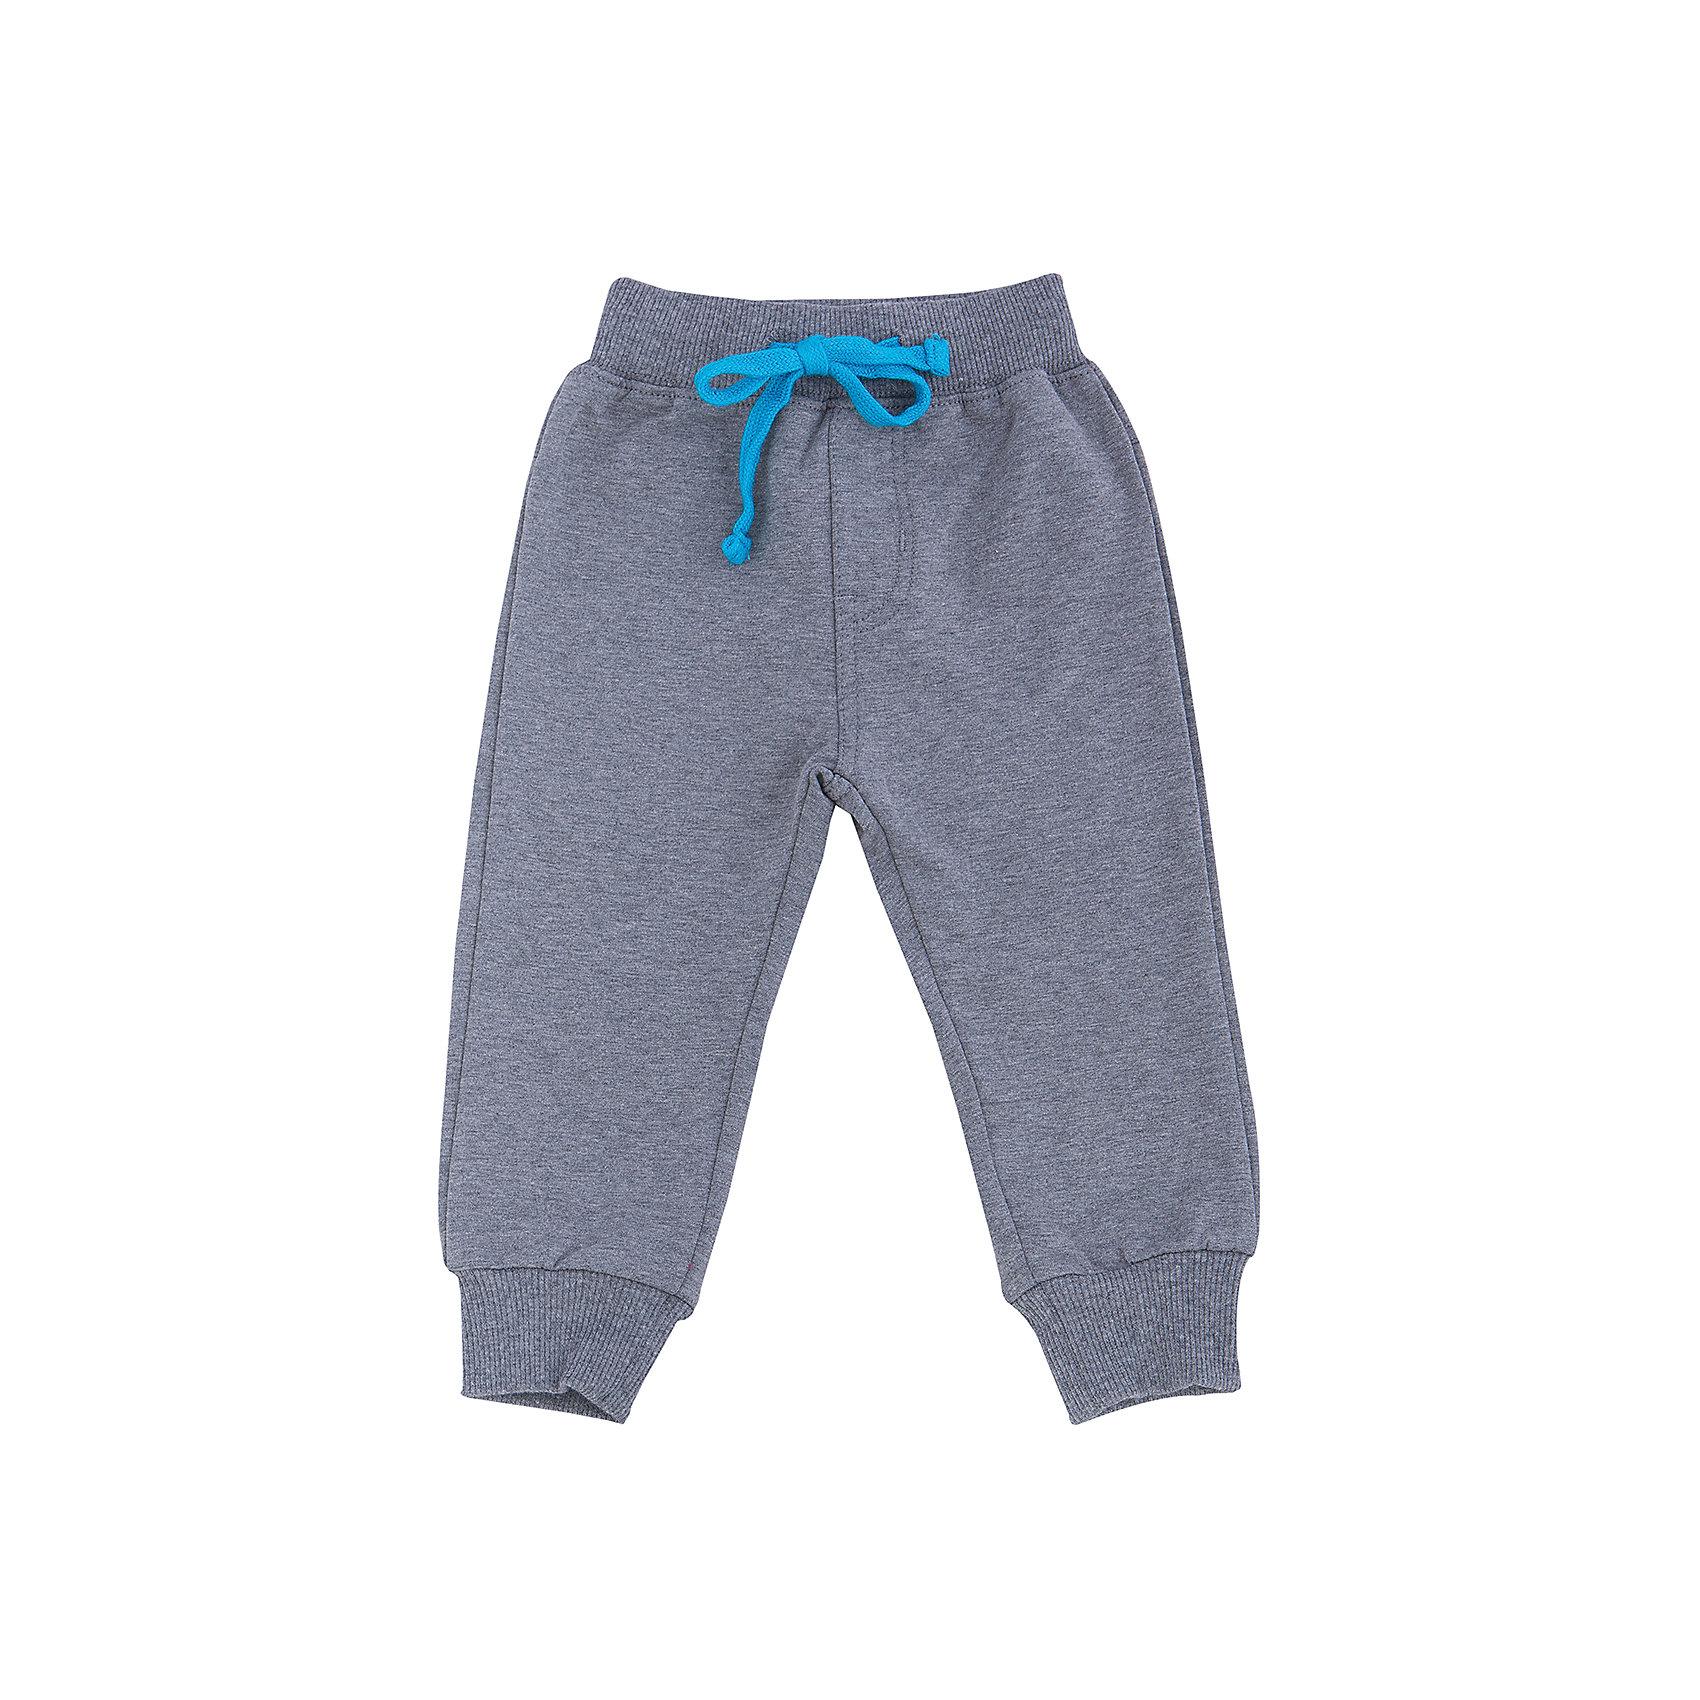 Брюки для мальчика Sweet BerryБрюки<br>Спортивные брюки для мальчиков от популярной торговой марки Sweet Berry. Эластичный пояс с внутренней резинкой, с дополнительным контрастным хлопковым шнурком. Спортивные брюки будут хорошим дополнением в гардеробе Вашего ребенка.<br><br> Дополнительная информация:<br><br>- комплектация: брюки<br>- материал: 95% хлопок 5% эластан<br>- коллекция: осень-зима 2016<br>- сезон: зима<br>- пол: для мальчиков<br>- возраст: детский<br>- цвет: серый. <br>- размер упаковки (дхшхв), 17 * 15 * 4 см<br>- вес в упаковке, 125 г<br><br>Брюки для мальчика торговой марки Sweet Berry можно купить в нашем интернет-магазине<br><br>Ширина мм: 215<br>Глубина мм: 88<br>Высота мм: 191<br>Вес г: 336<br>Цвет: серый<br>Возраст от месяцев: 12<br>Возраст до месяцев: 15<br>Пол: Мужской<br>Возраст: Детский<br>Размер: 80,98,86,92<br>SKU: 4929787